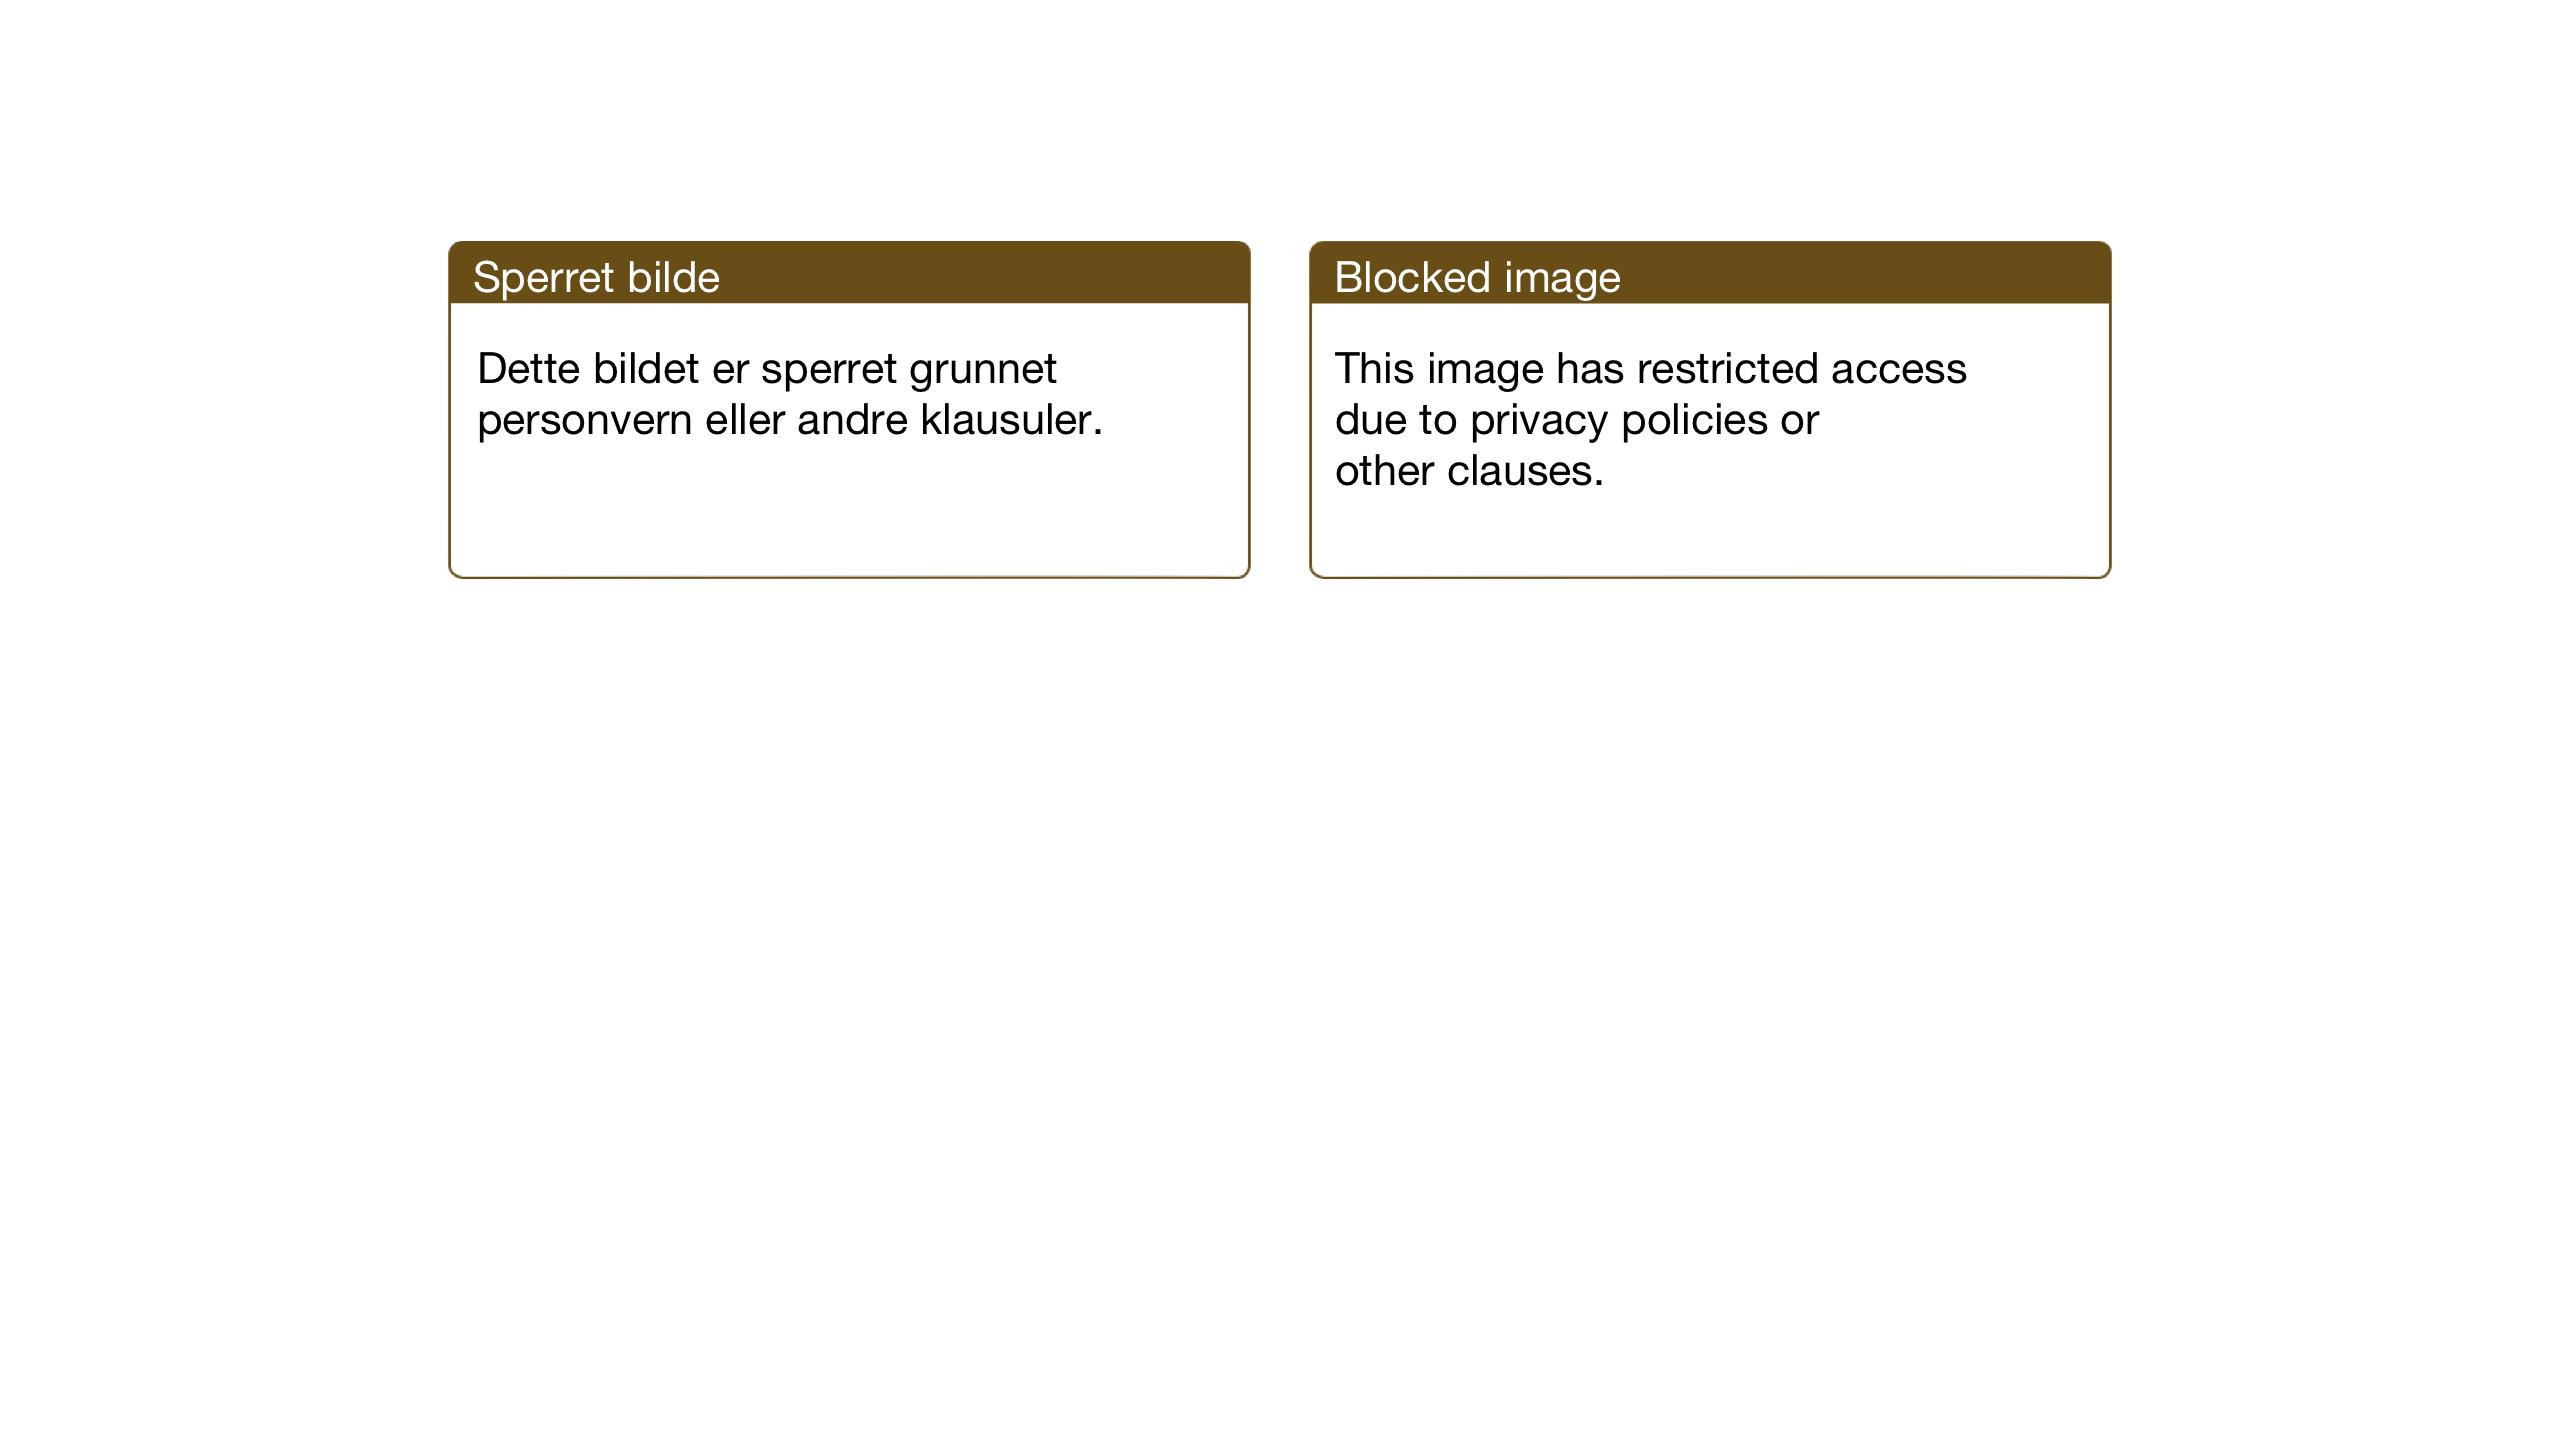 SAT, Ministerialprotokoller, klokkerbøker og fødselsregistre - Sør-Trøndelag, 637/L0564: Klokkerbok nr. 637C05, 1928-1968, s. 3